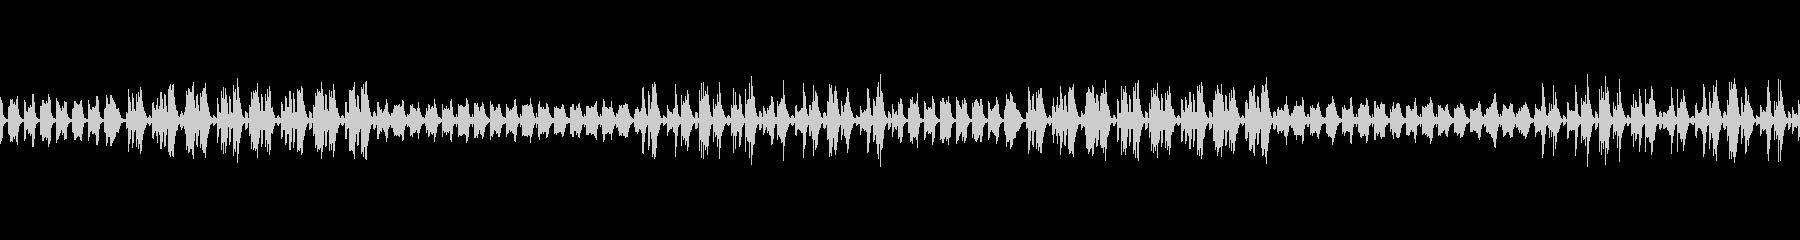 ラジオや雑談配信の可愛いエレクトBGMの未再生の波形